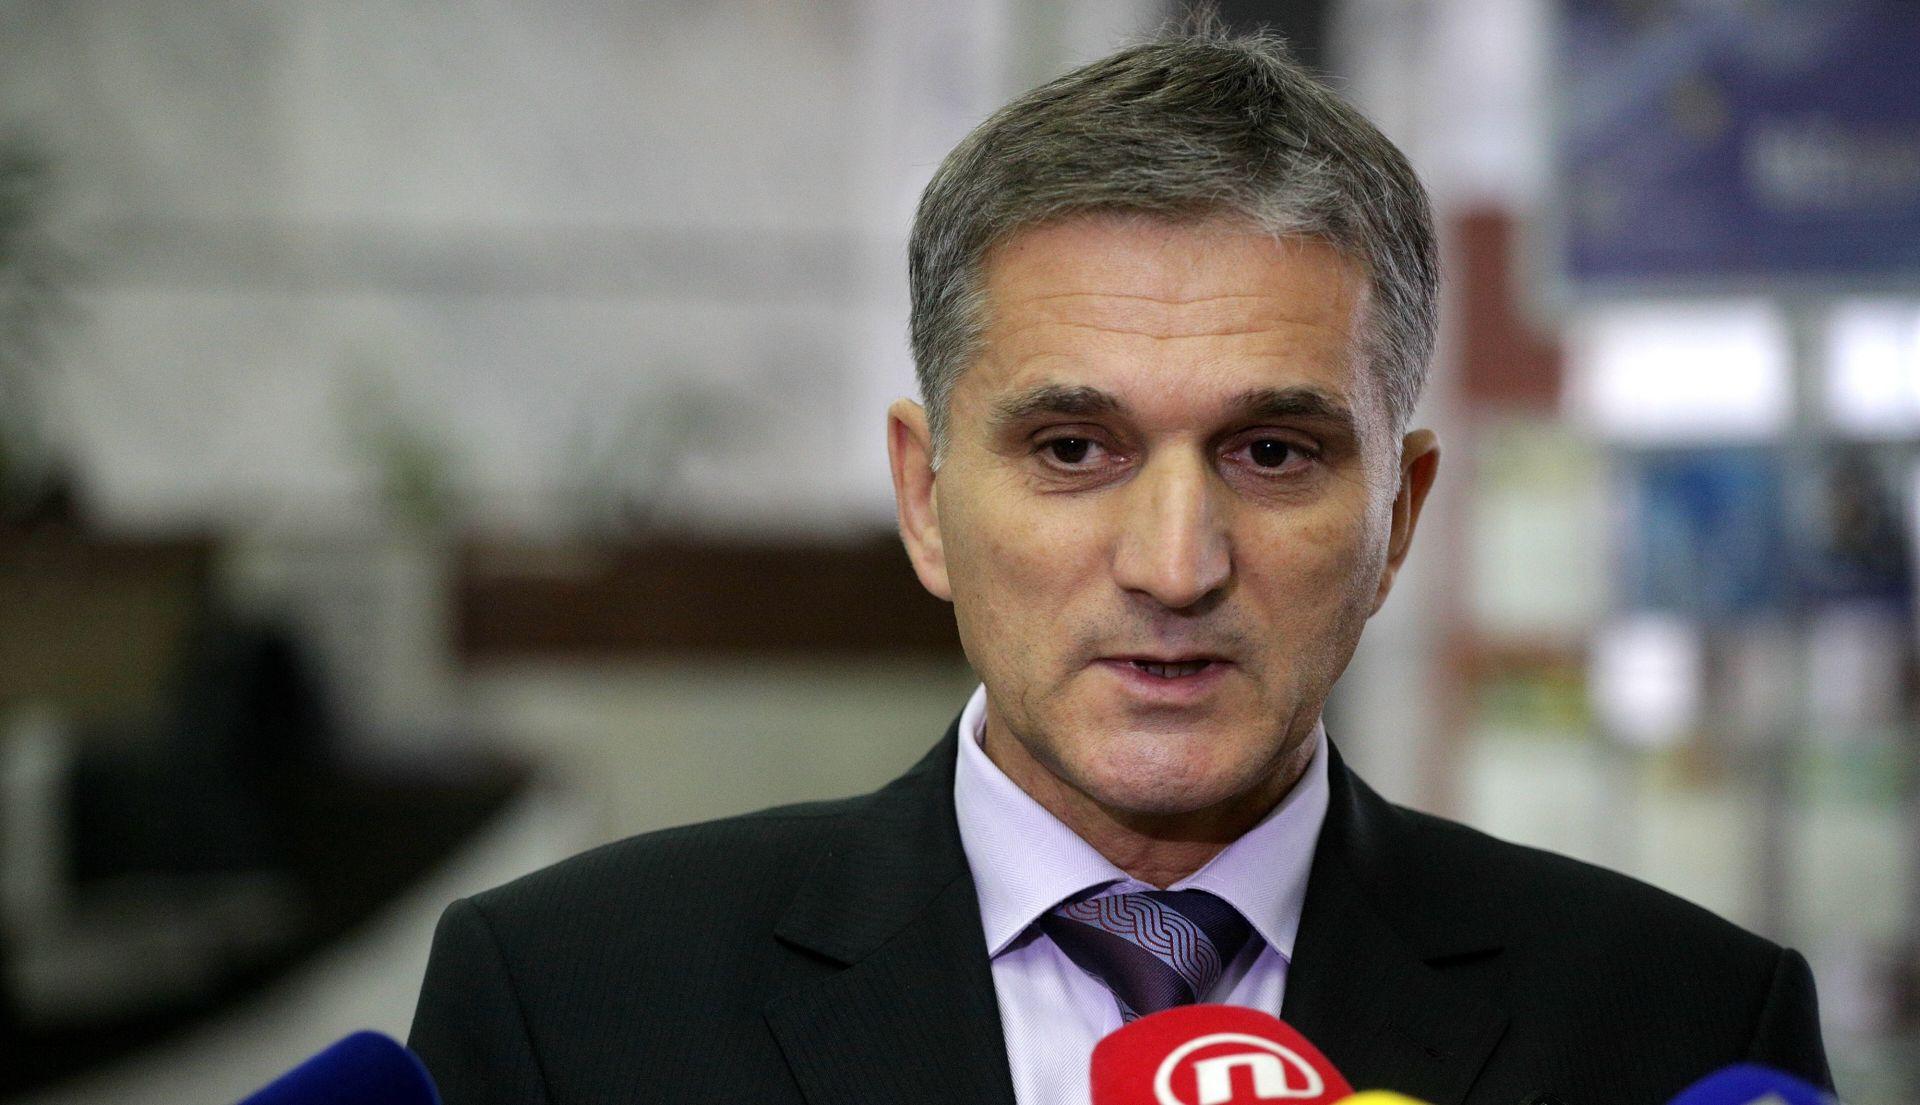 GORAN MARIĆ 'Ina je vrijedna izazova da Hrvatska otkupi većinski upravljački dio'